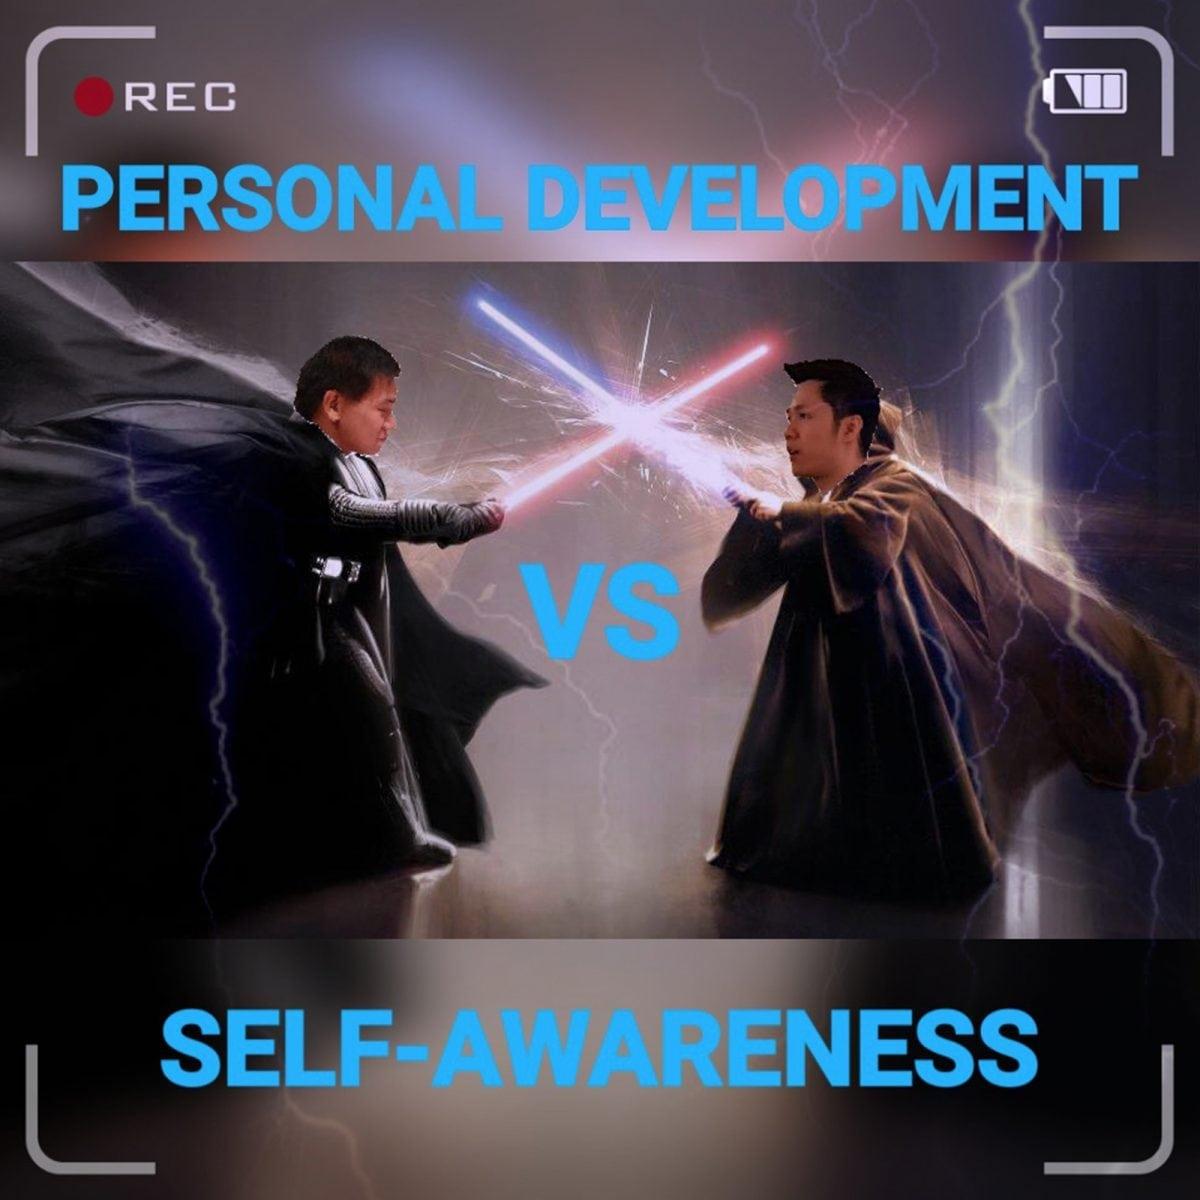 Personal Development vs. Self-Awareness